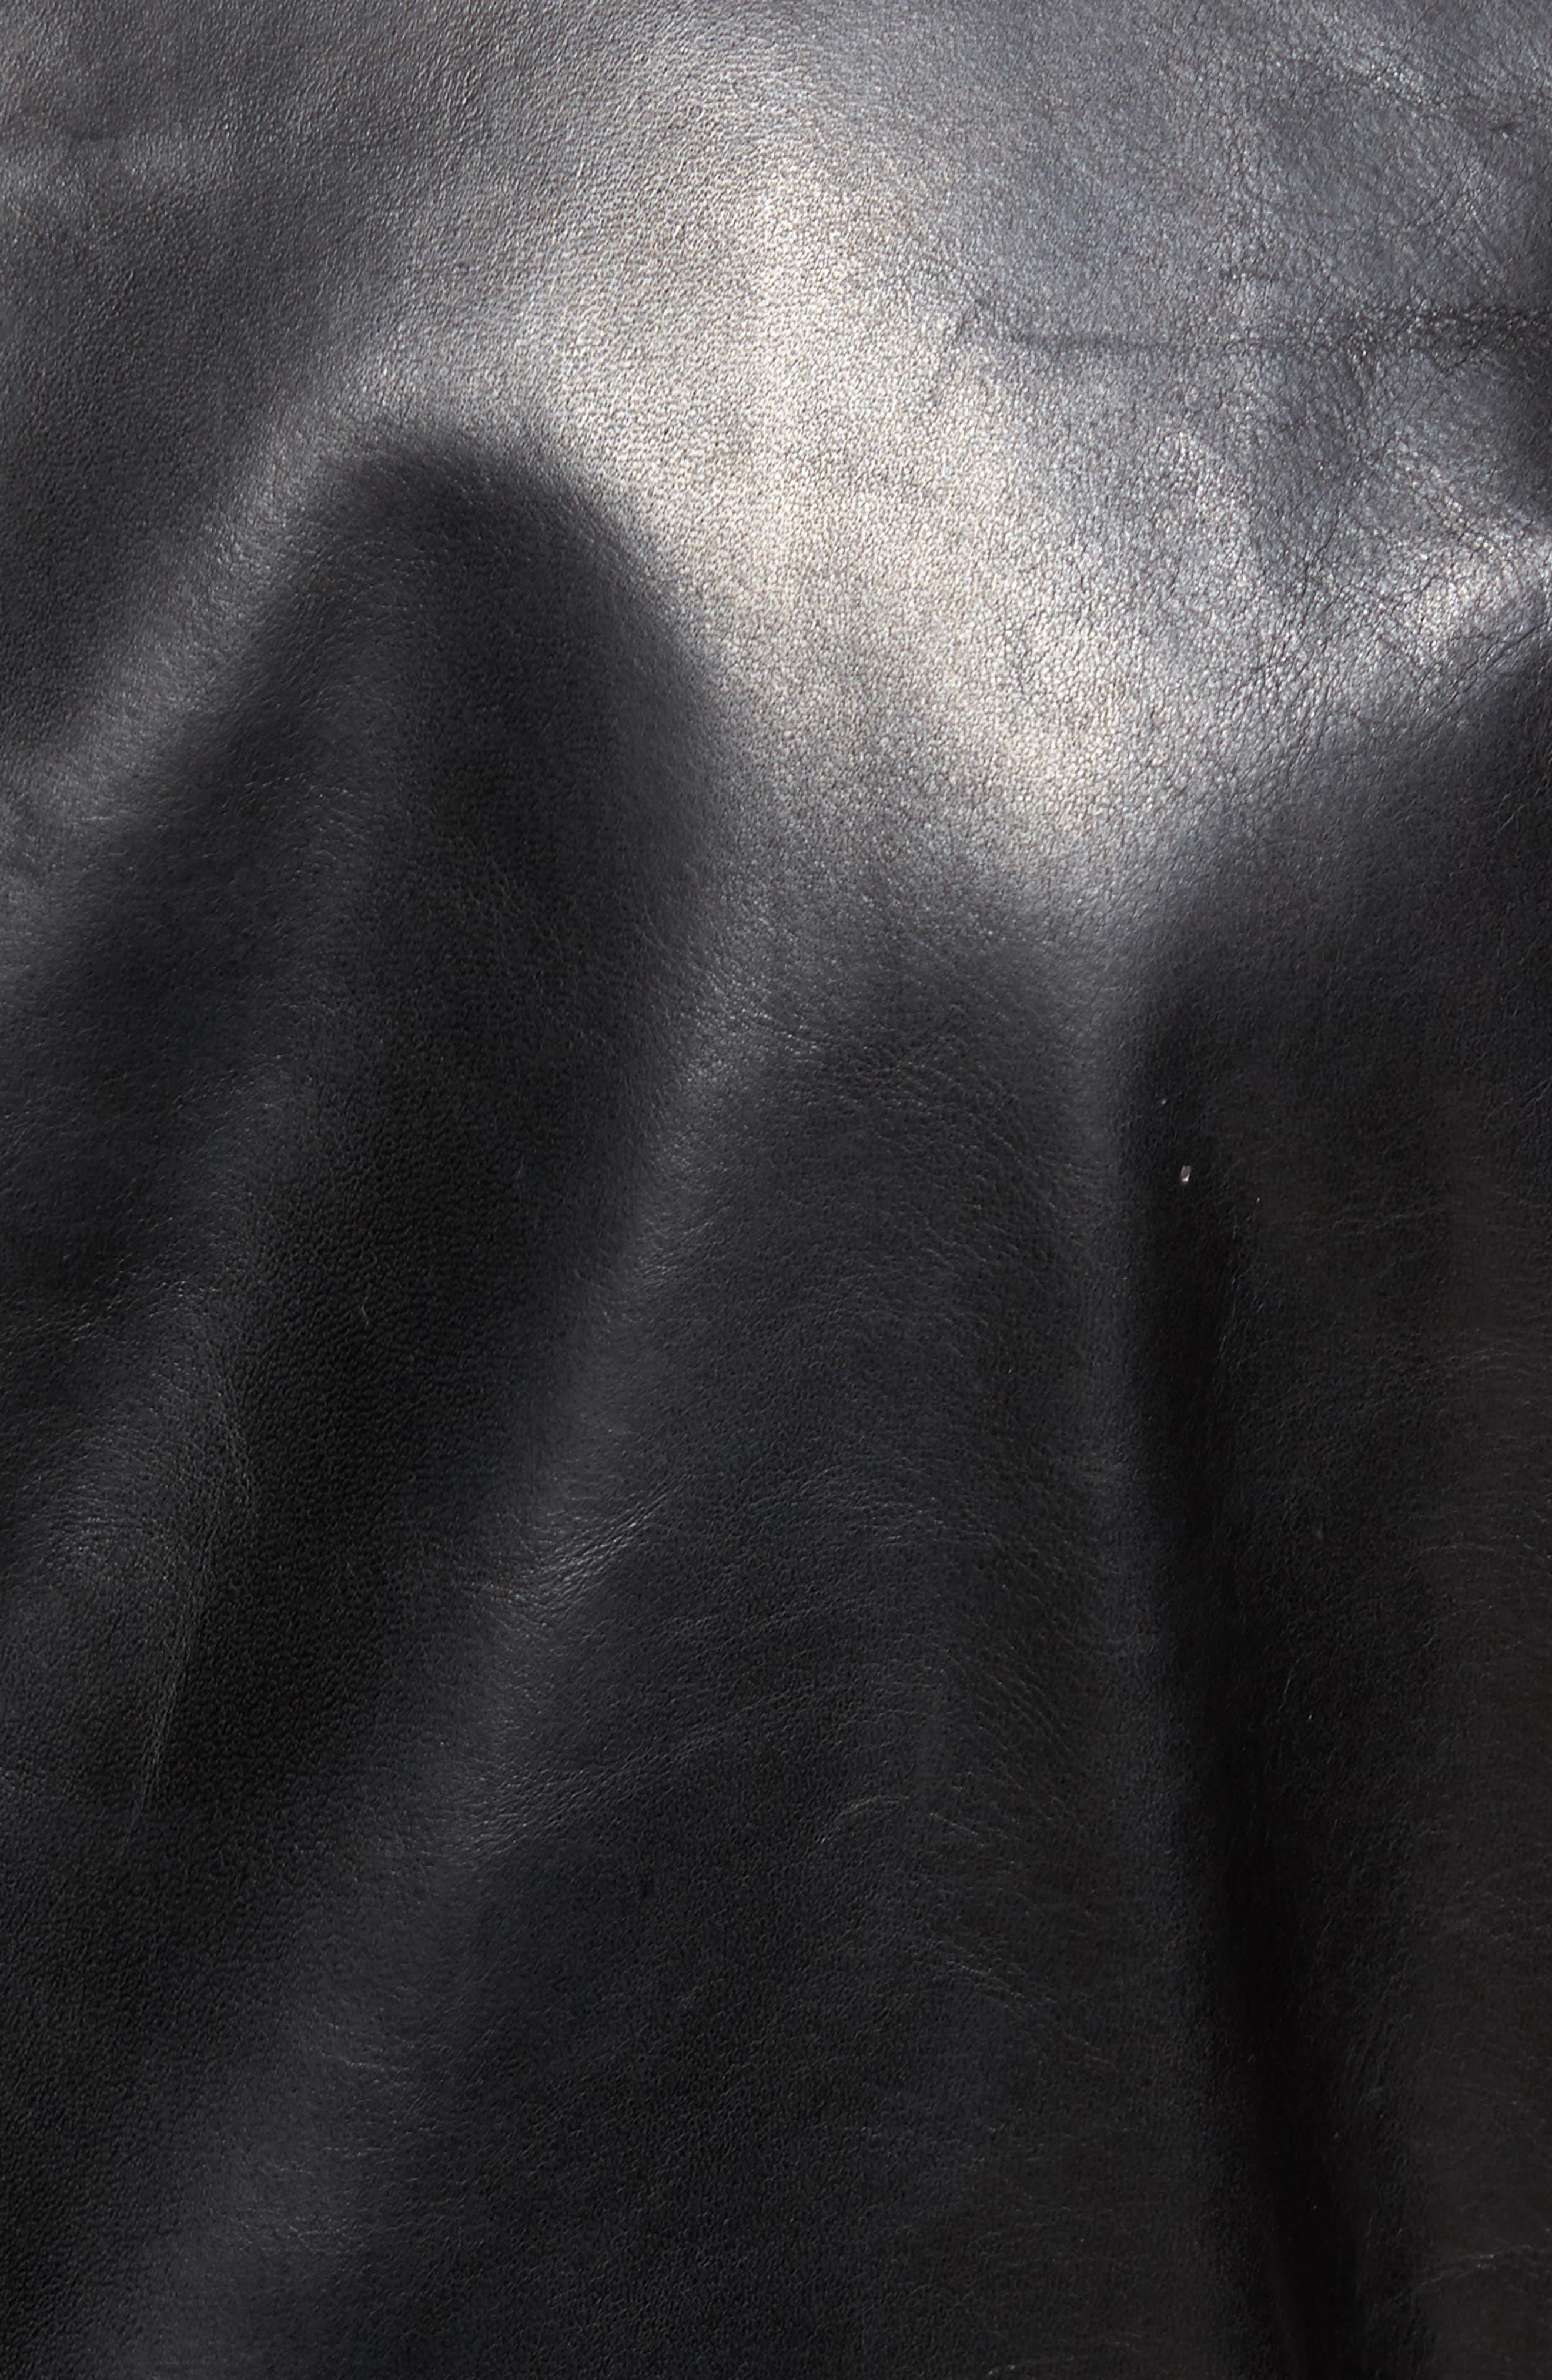 Café Racer Unlined Cowhide Leather Jacket,                             Alternate thumbnail 6, color,                             BLACK